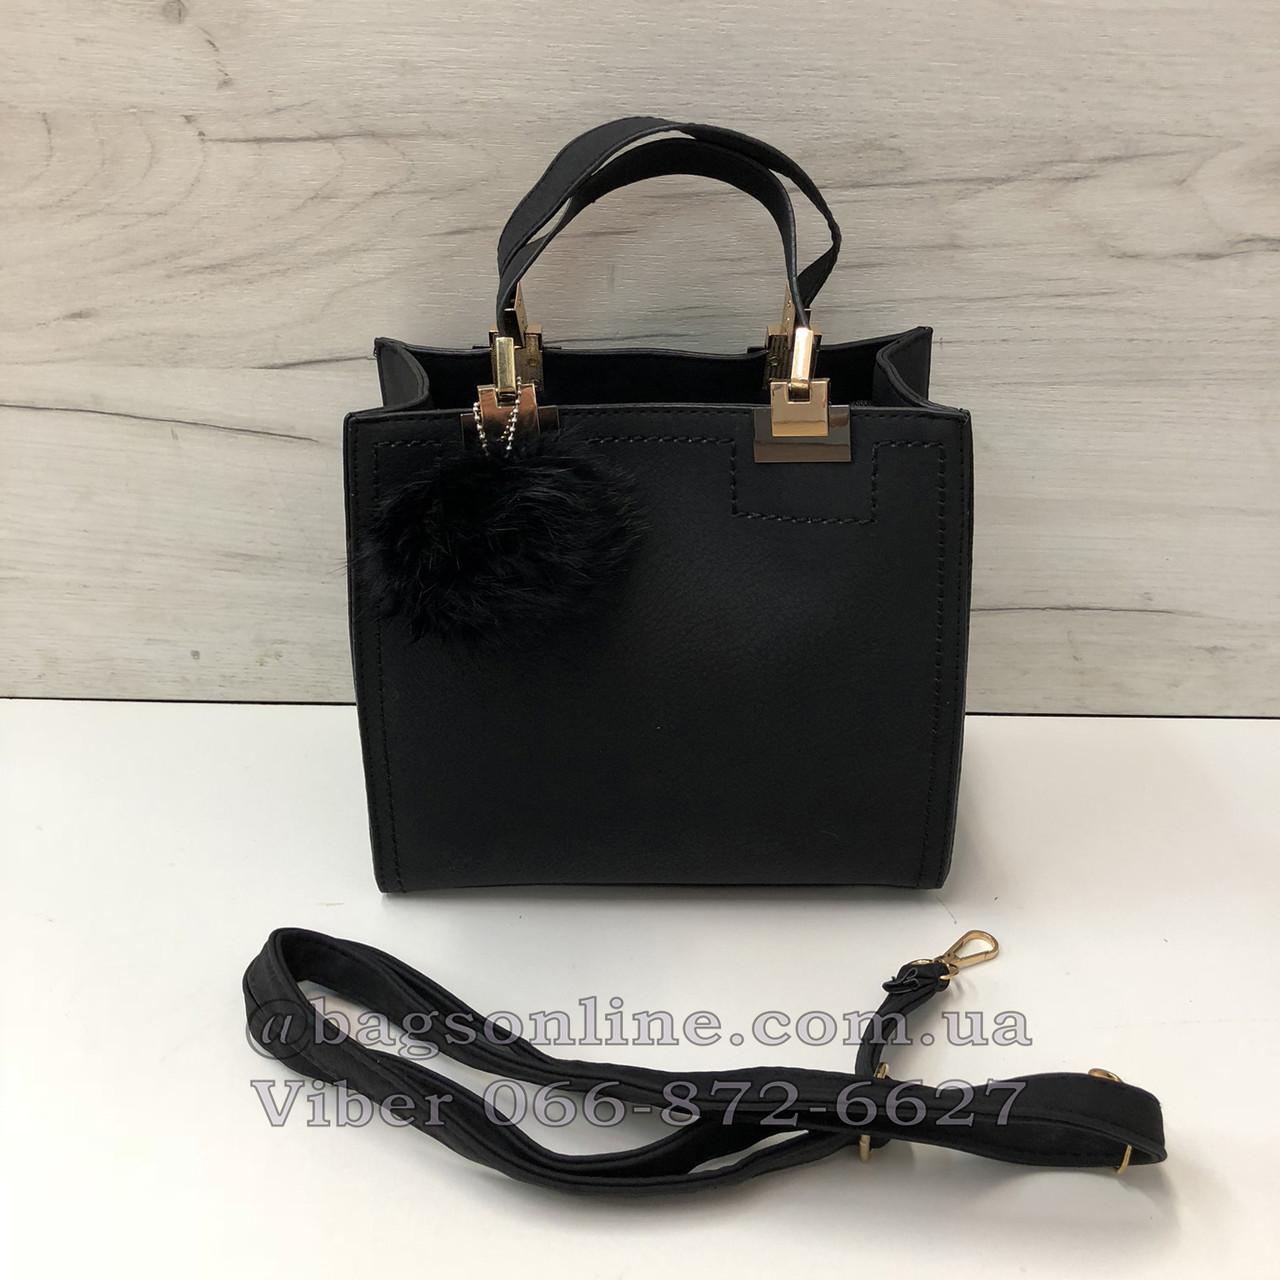 Сумка-пакет під структуру замші з помпоном (0310) Чорний